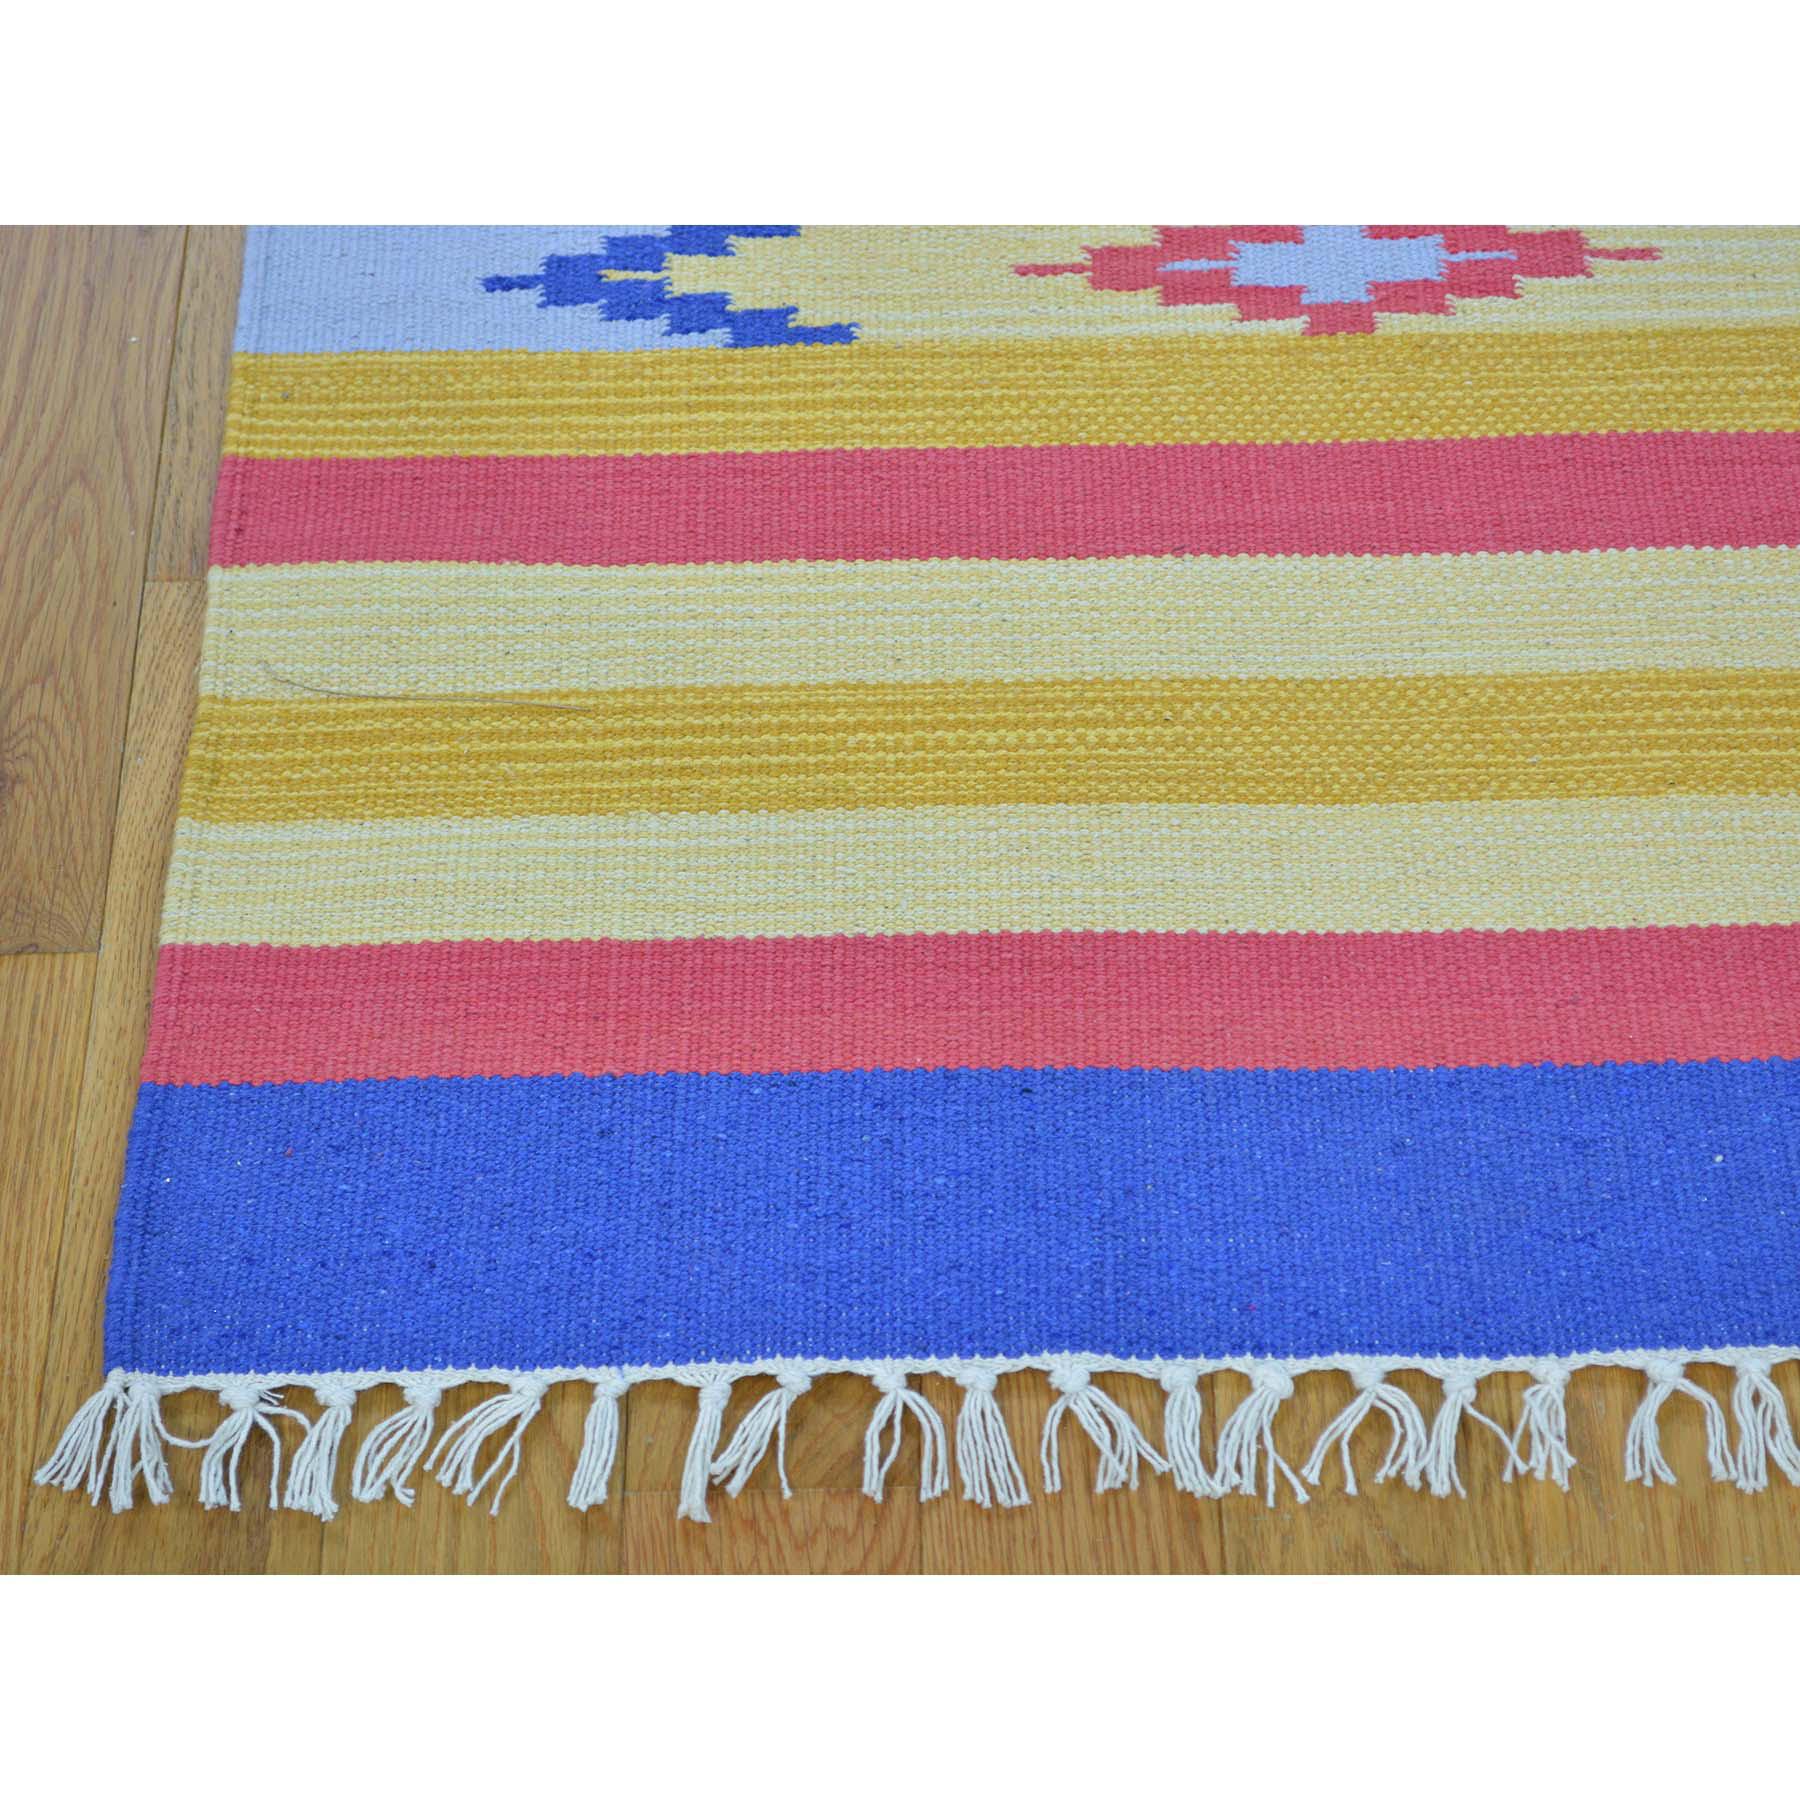 2-6 x8- Flat Weave Kilim Southwestern Design Runner Hand Woven Rug